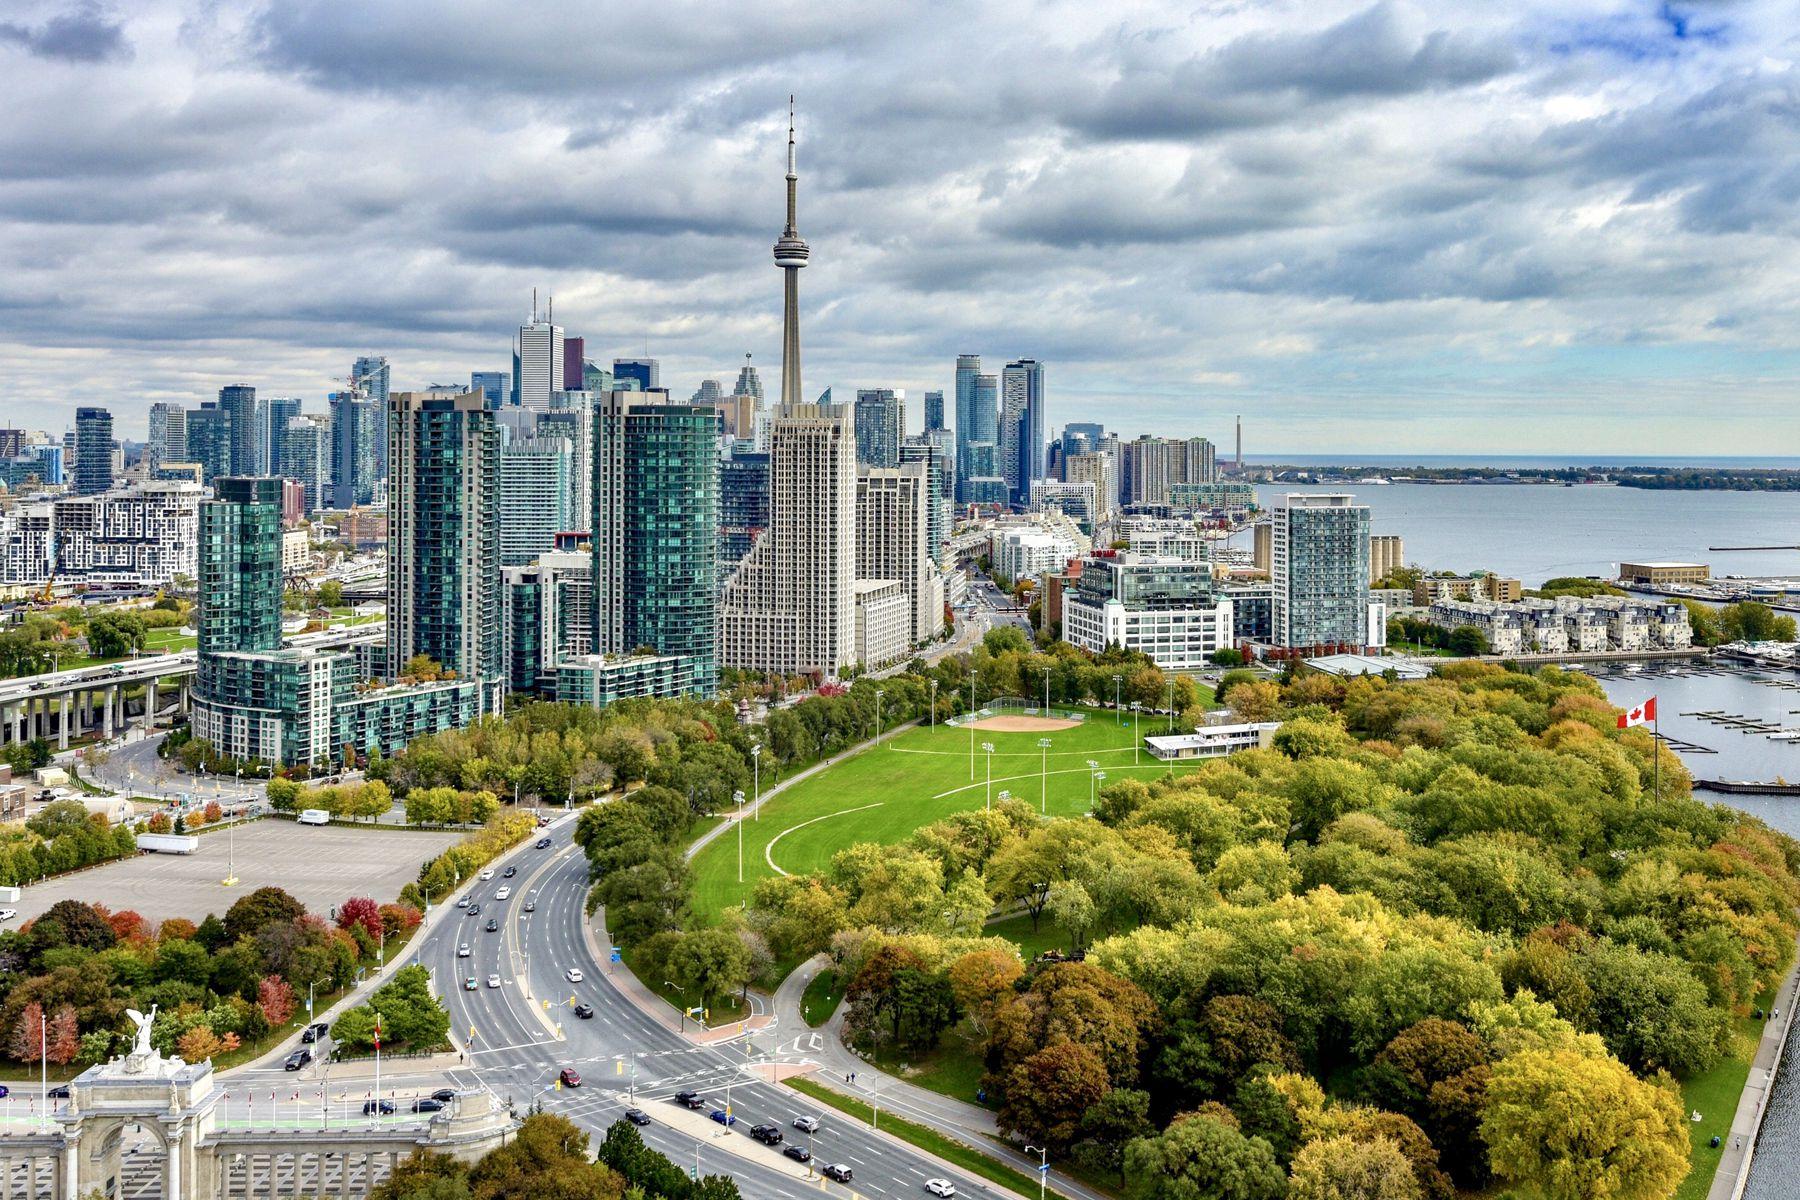 شمار آپارتمانهای لیست شده بازار مسکن تورنتو، شش برابر ونکوور است!